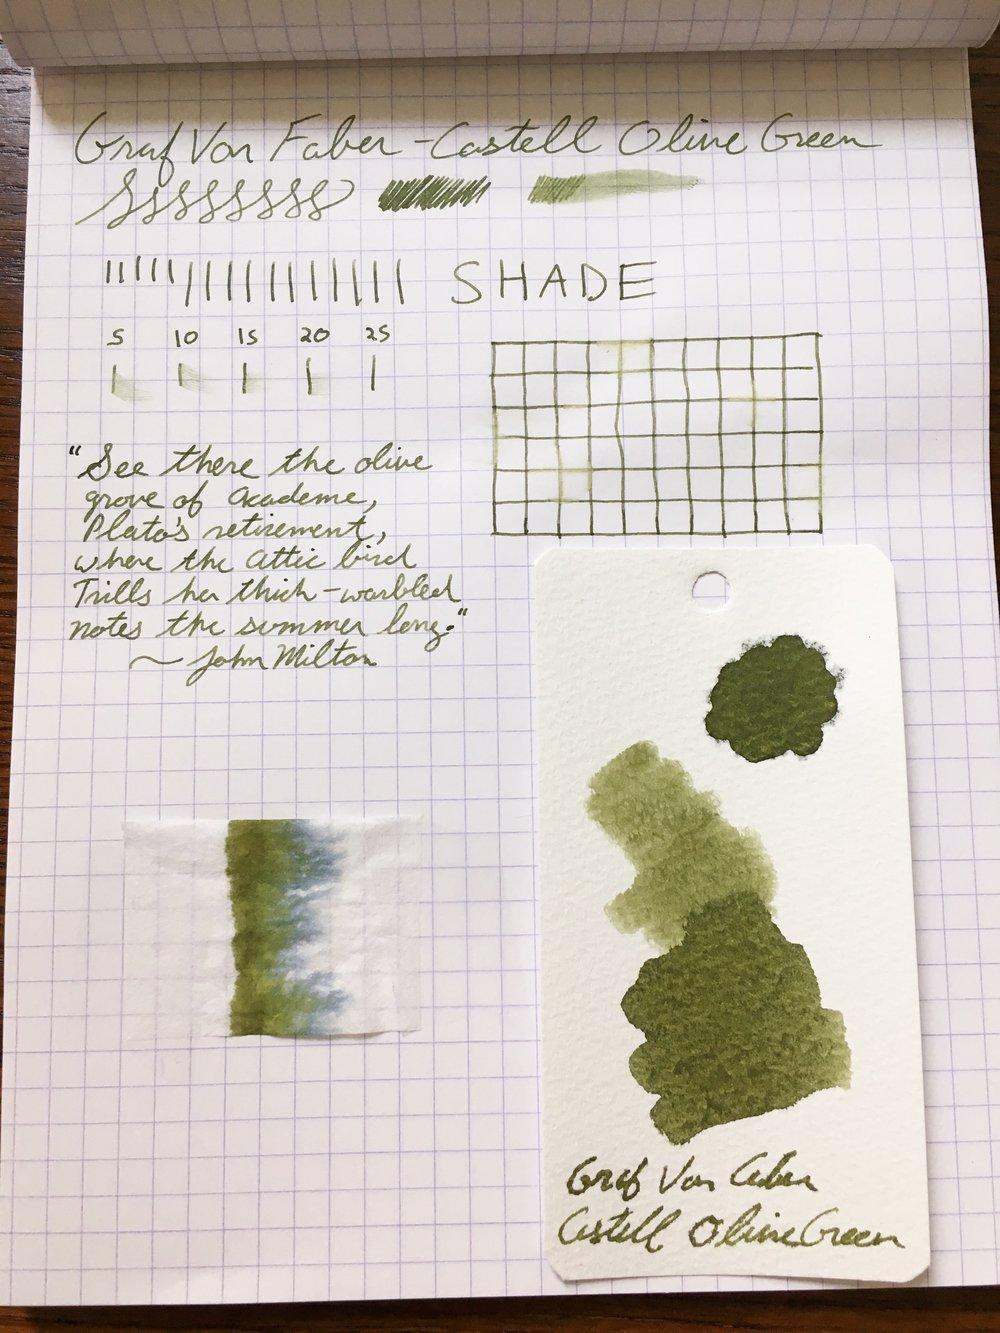 Graf von Faber-Castell Olive Green Ink